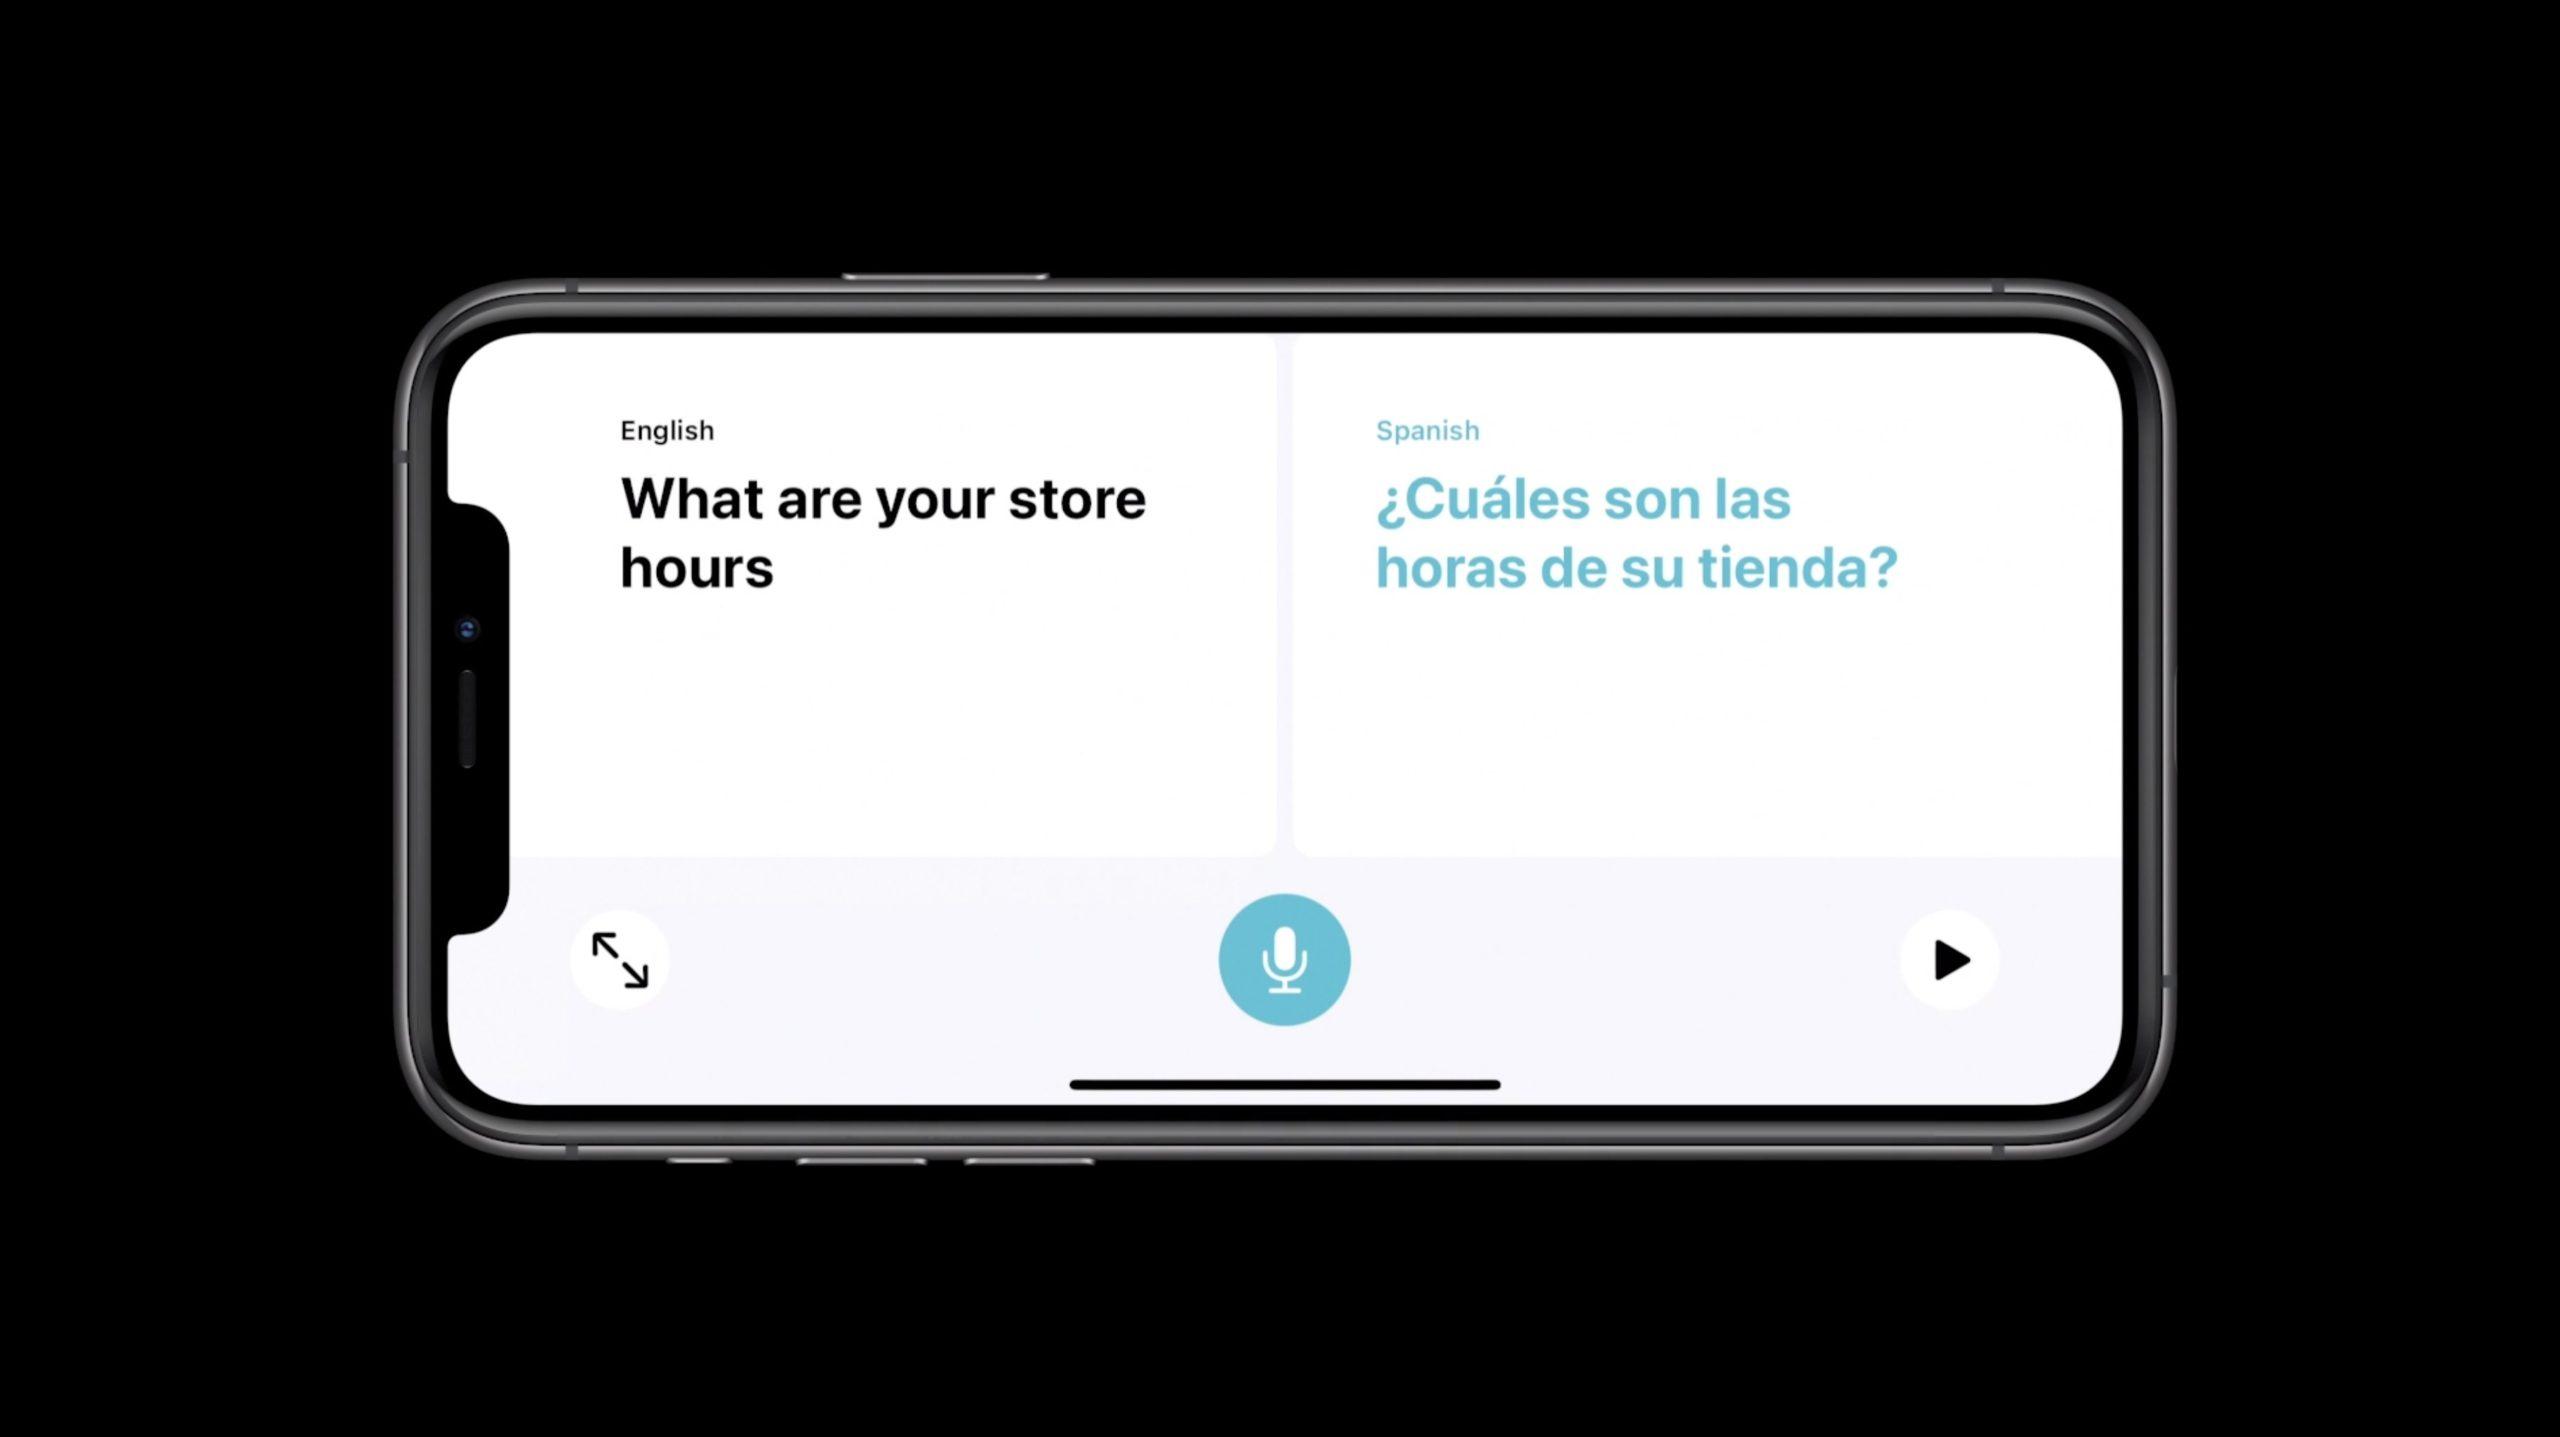 Traducción incorrecta de la App de Translate